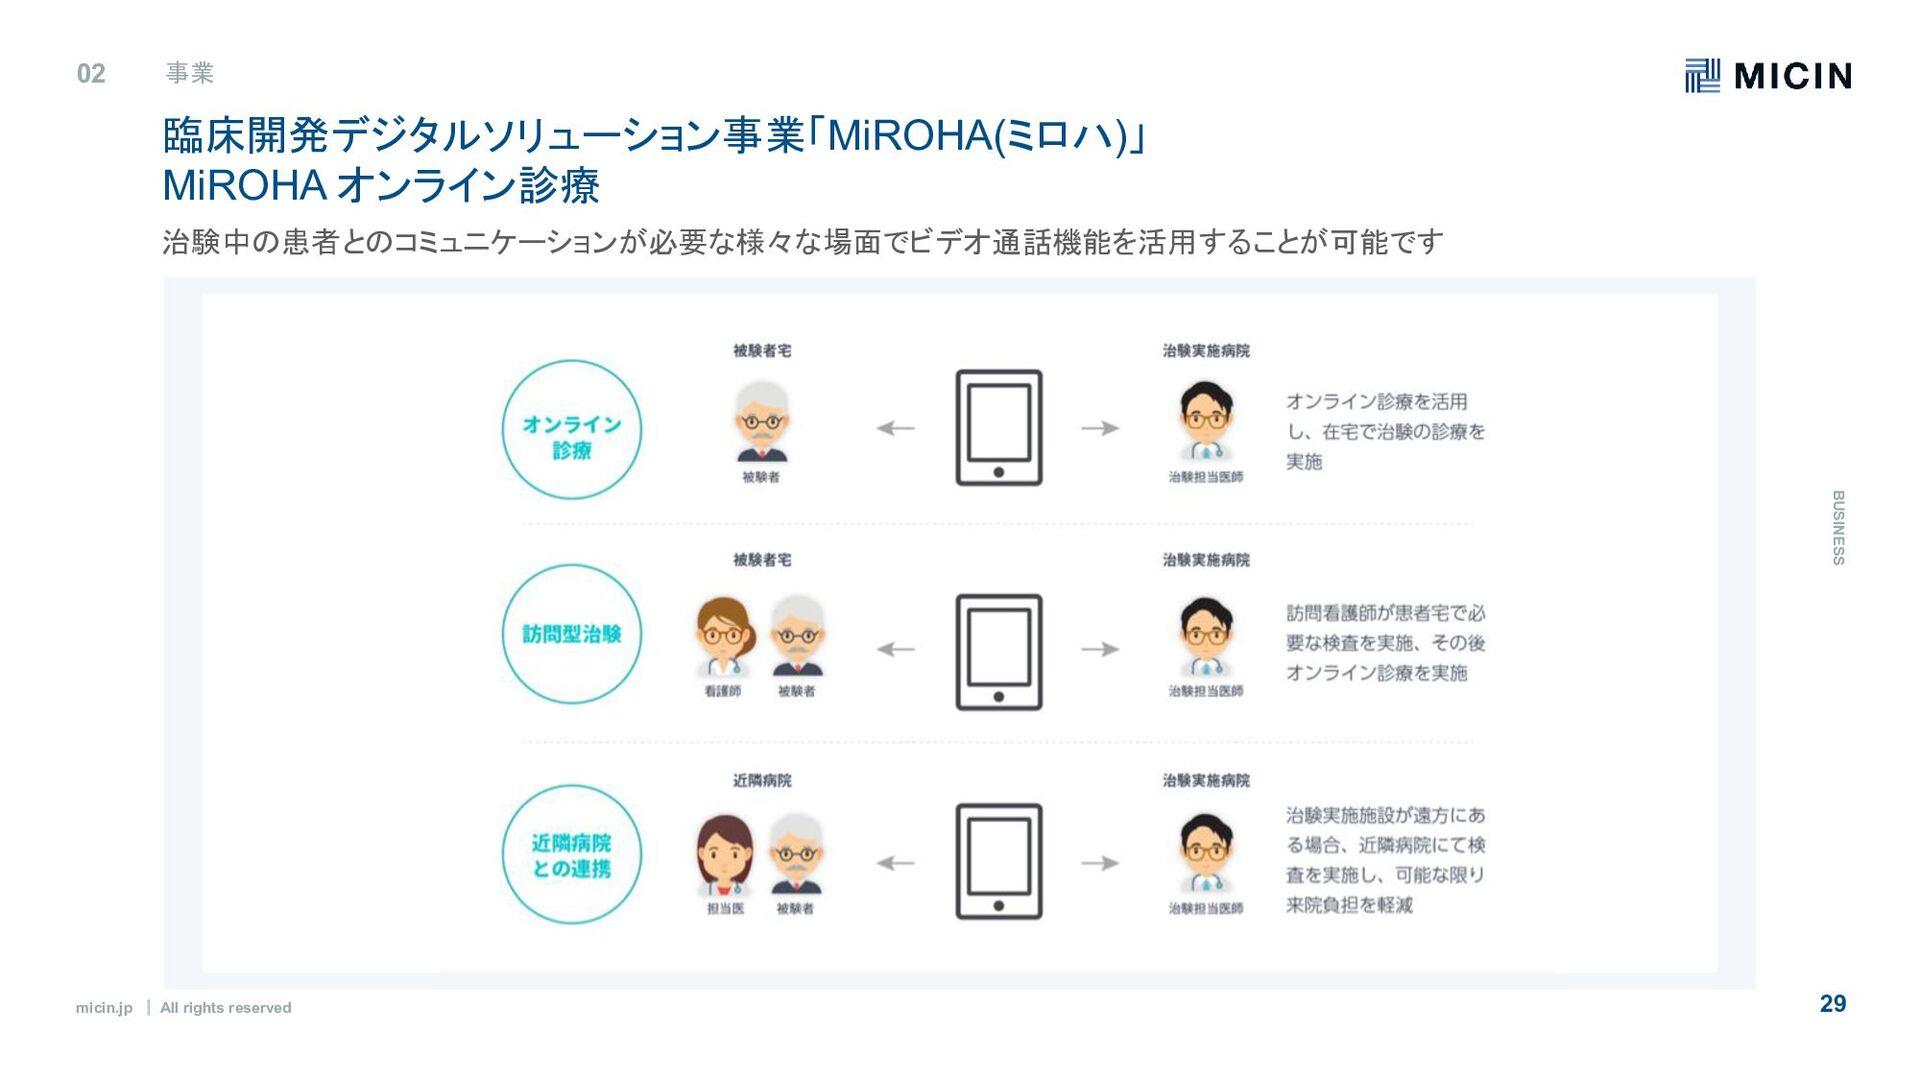 micin.jp ʛ All rights reserved 29 02 事業 B U S I...